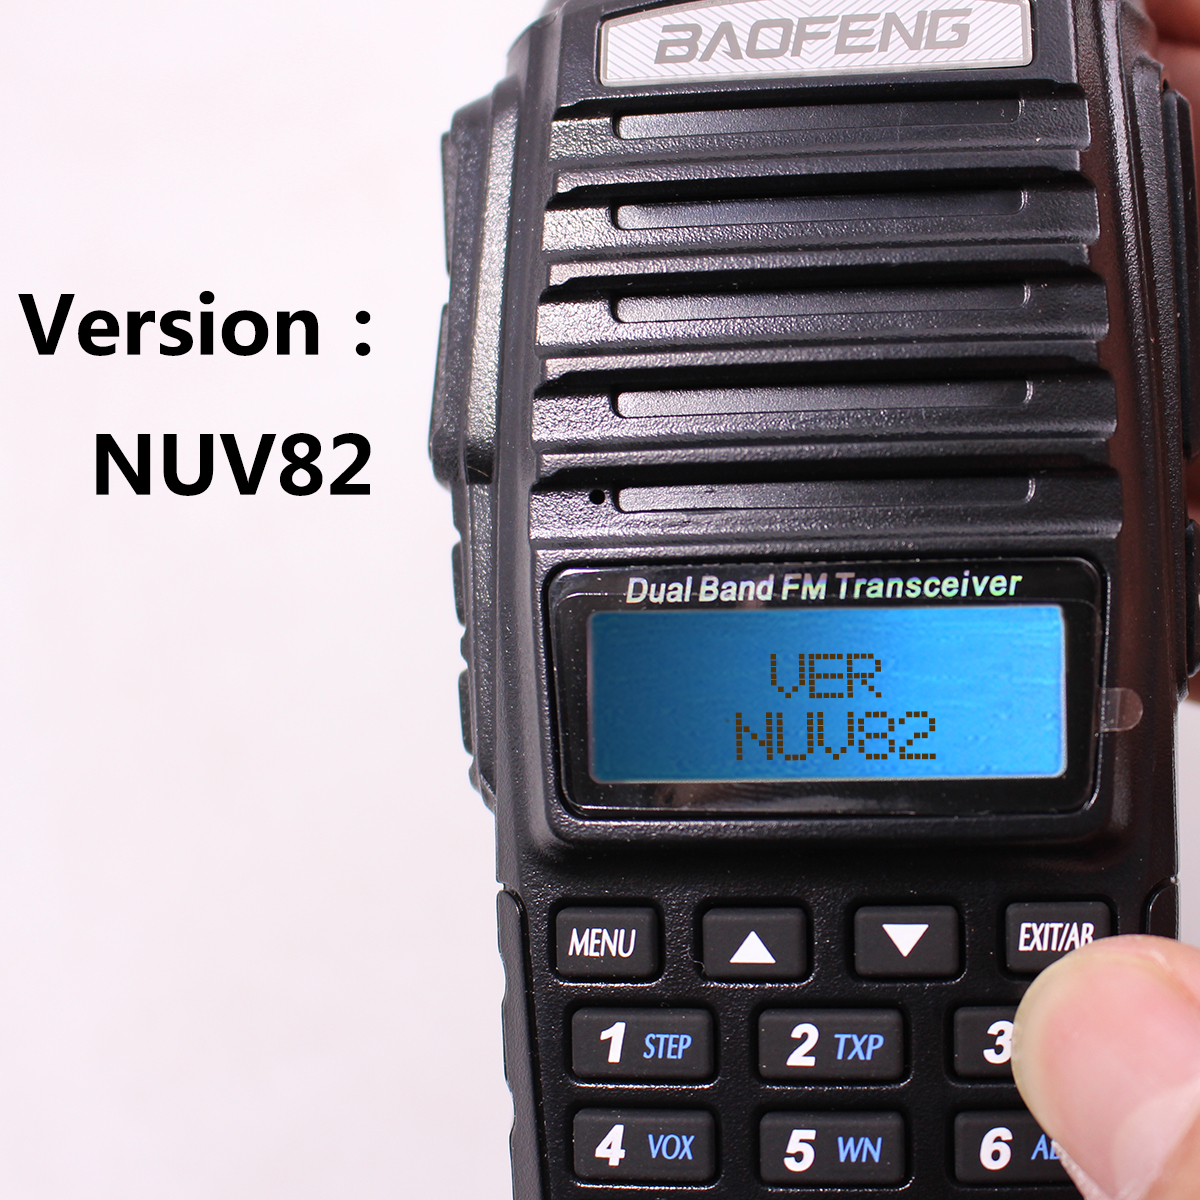 Image 4 - 2020 Baofeng UV 82 Plus  8W 10KM Long Range Powerful Walkie  Talkie Portable CB vhf/uhf ptt two way Radio Amador 8 watts of  UV82baofeng uv-82vhf amportable cb